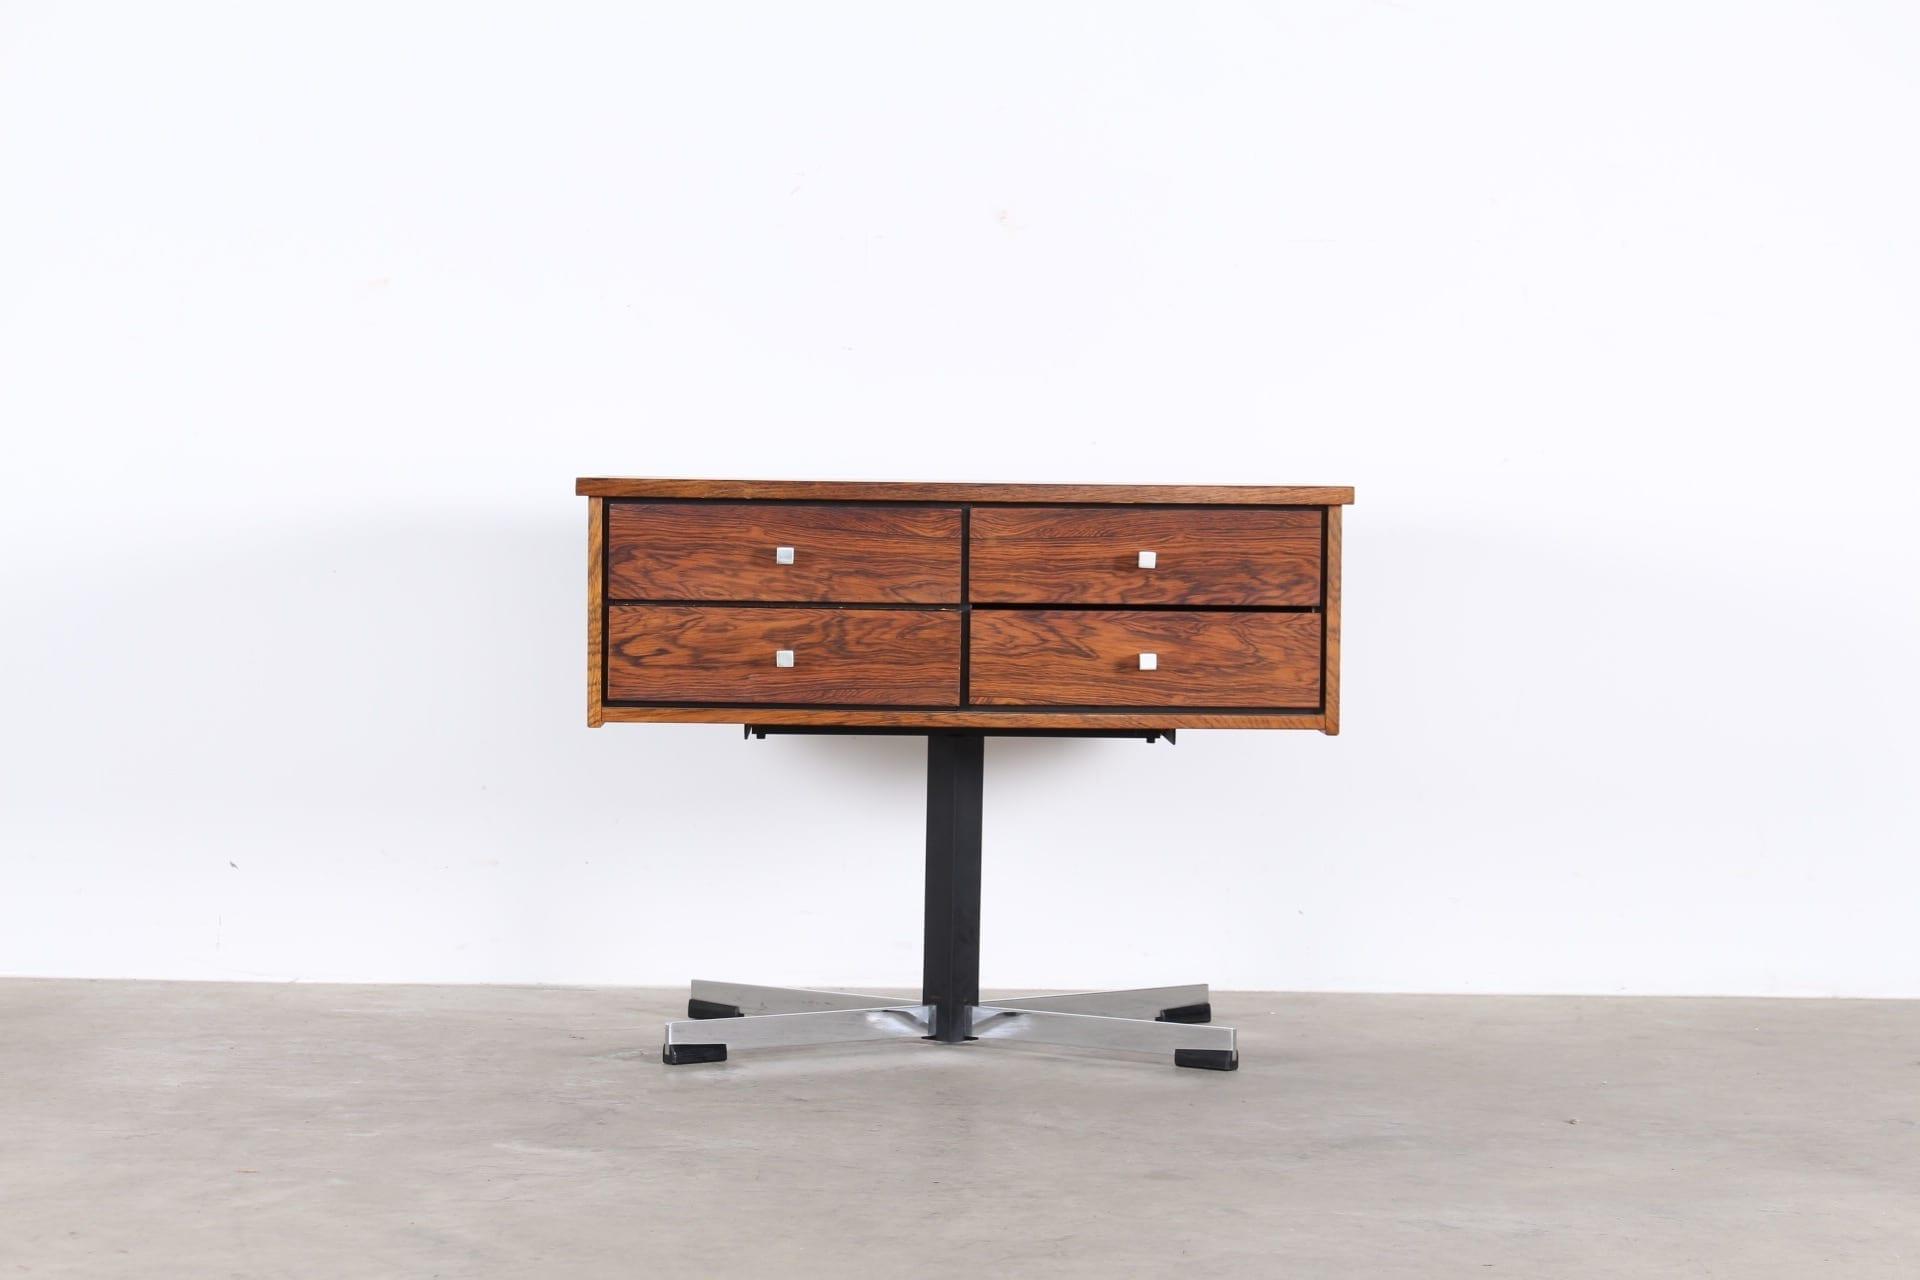 meuble tv rotatif meubles vintage li ge. Black Bedroom Furniture Sets. Home Design Ideas